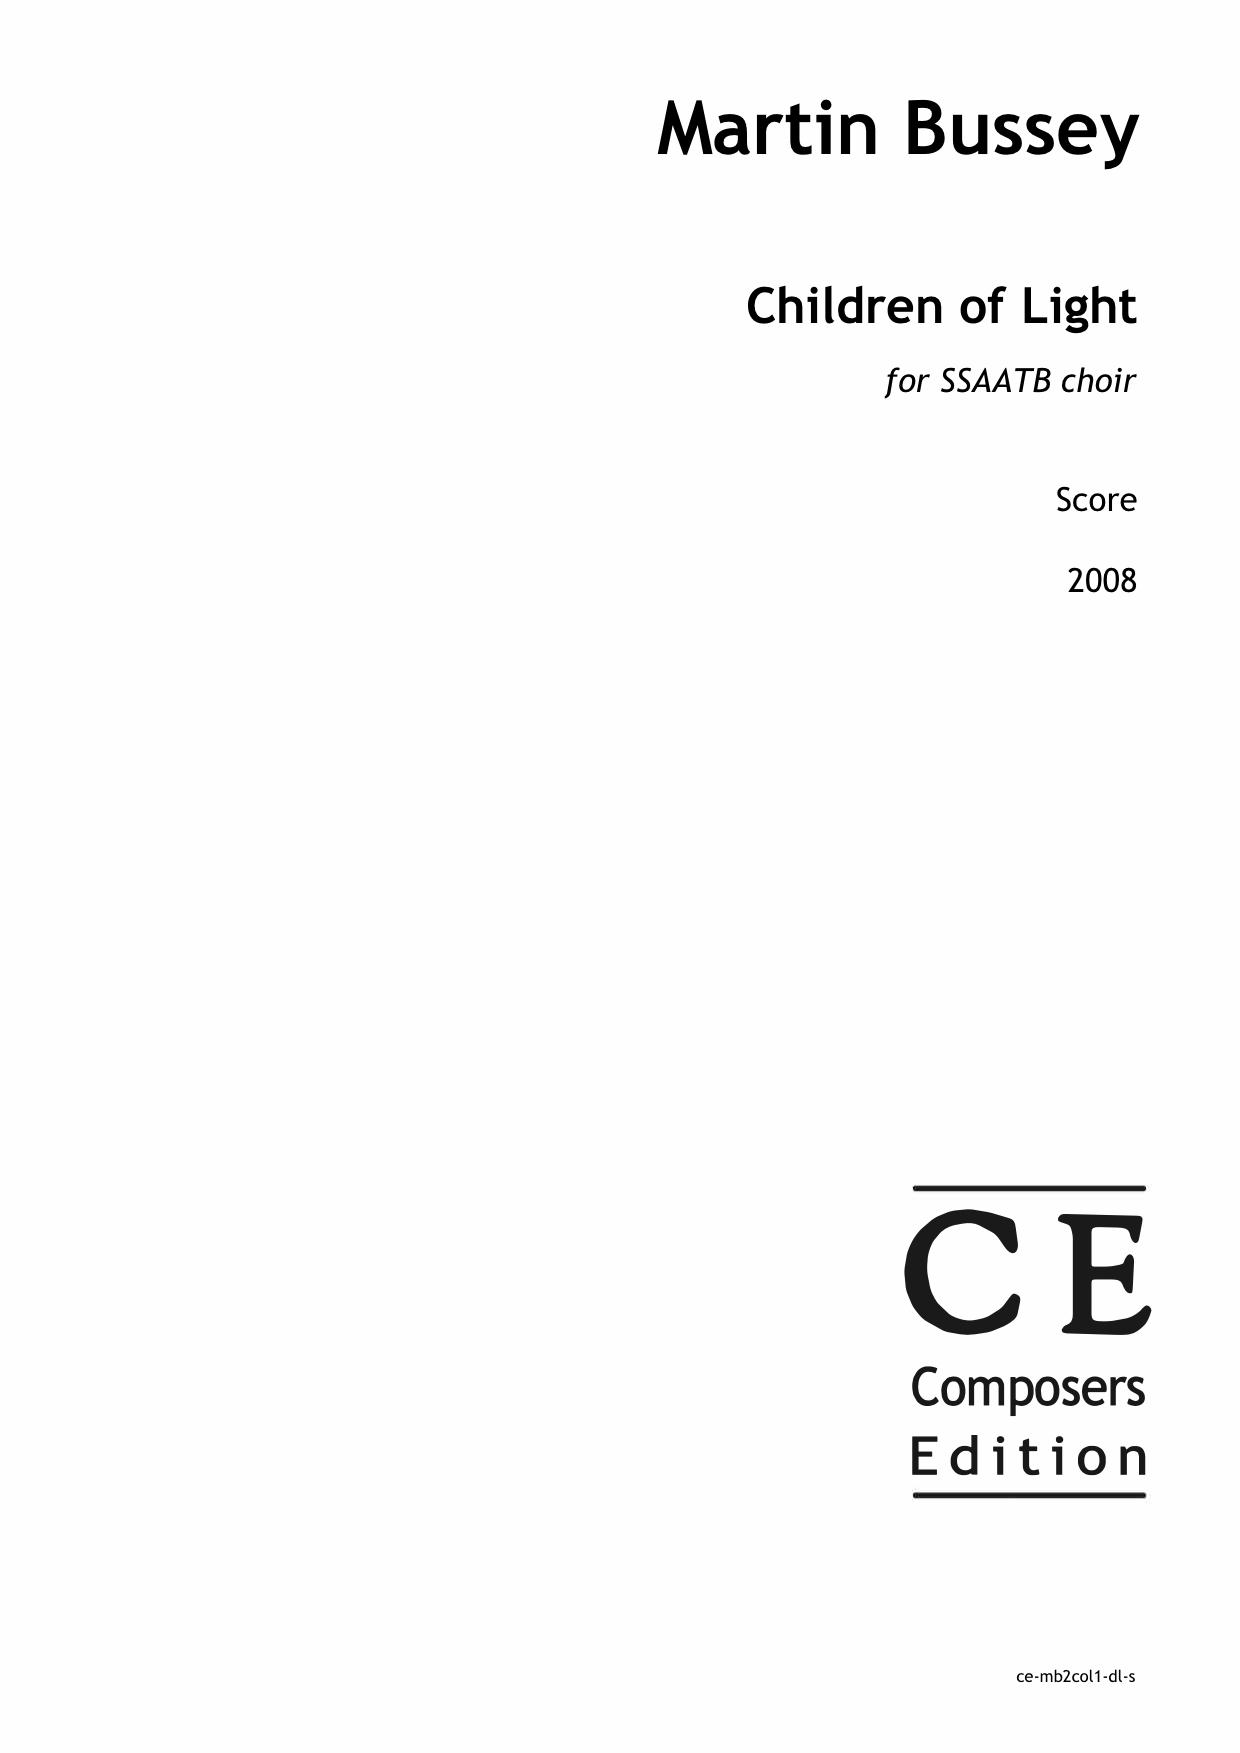 Martin Bussey: Children of Light for SSAATB choir